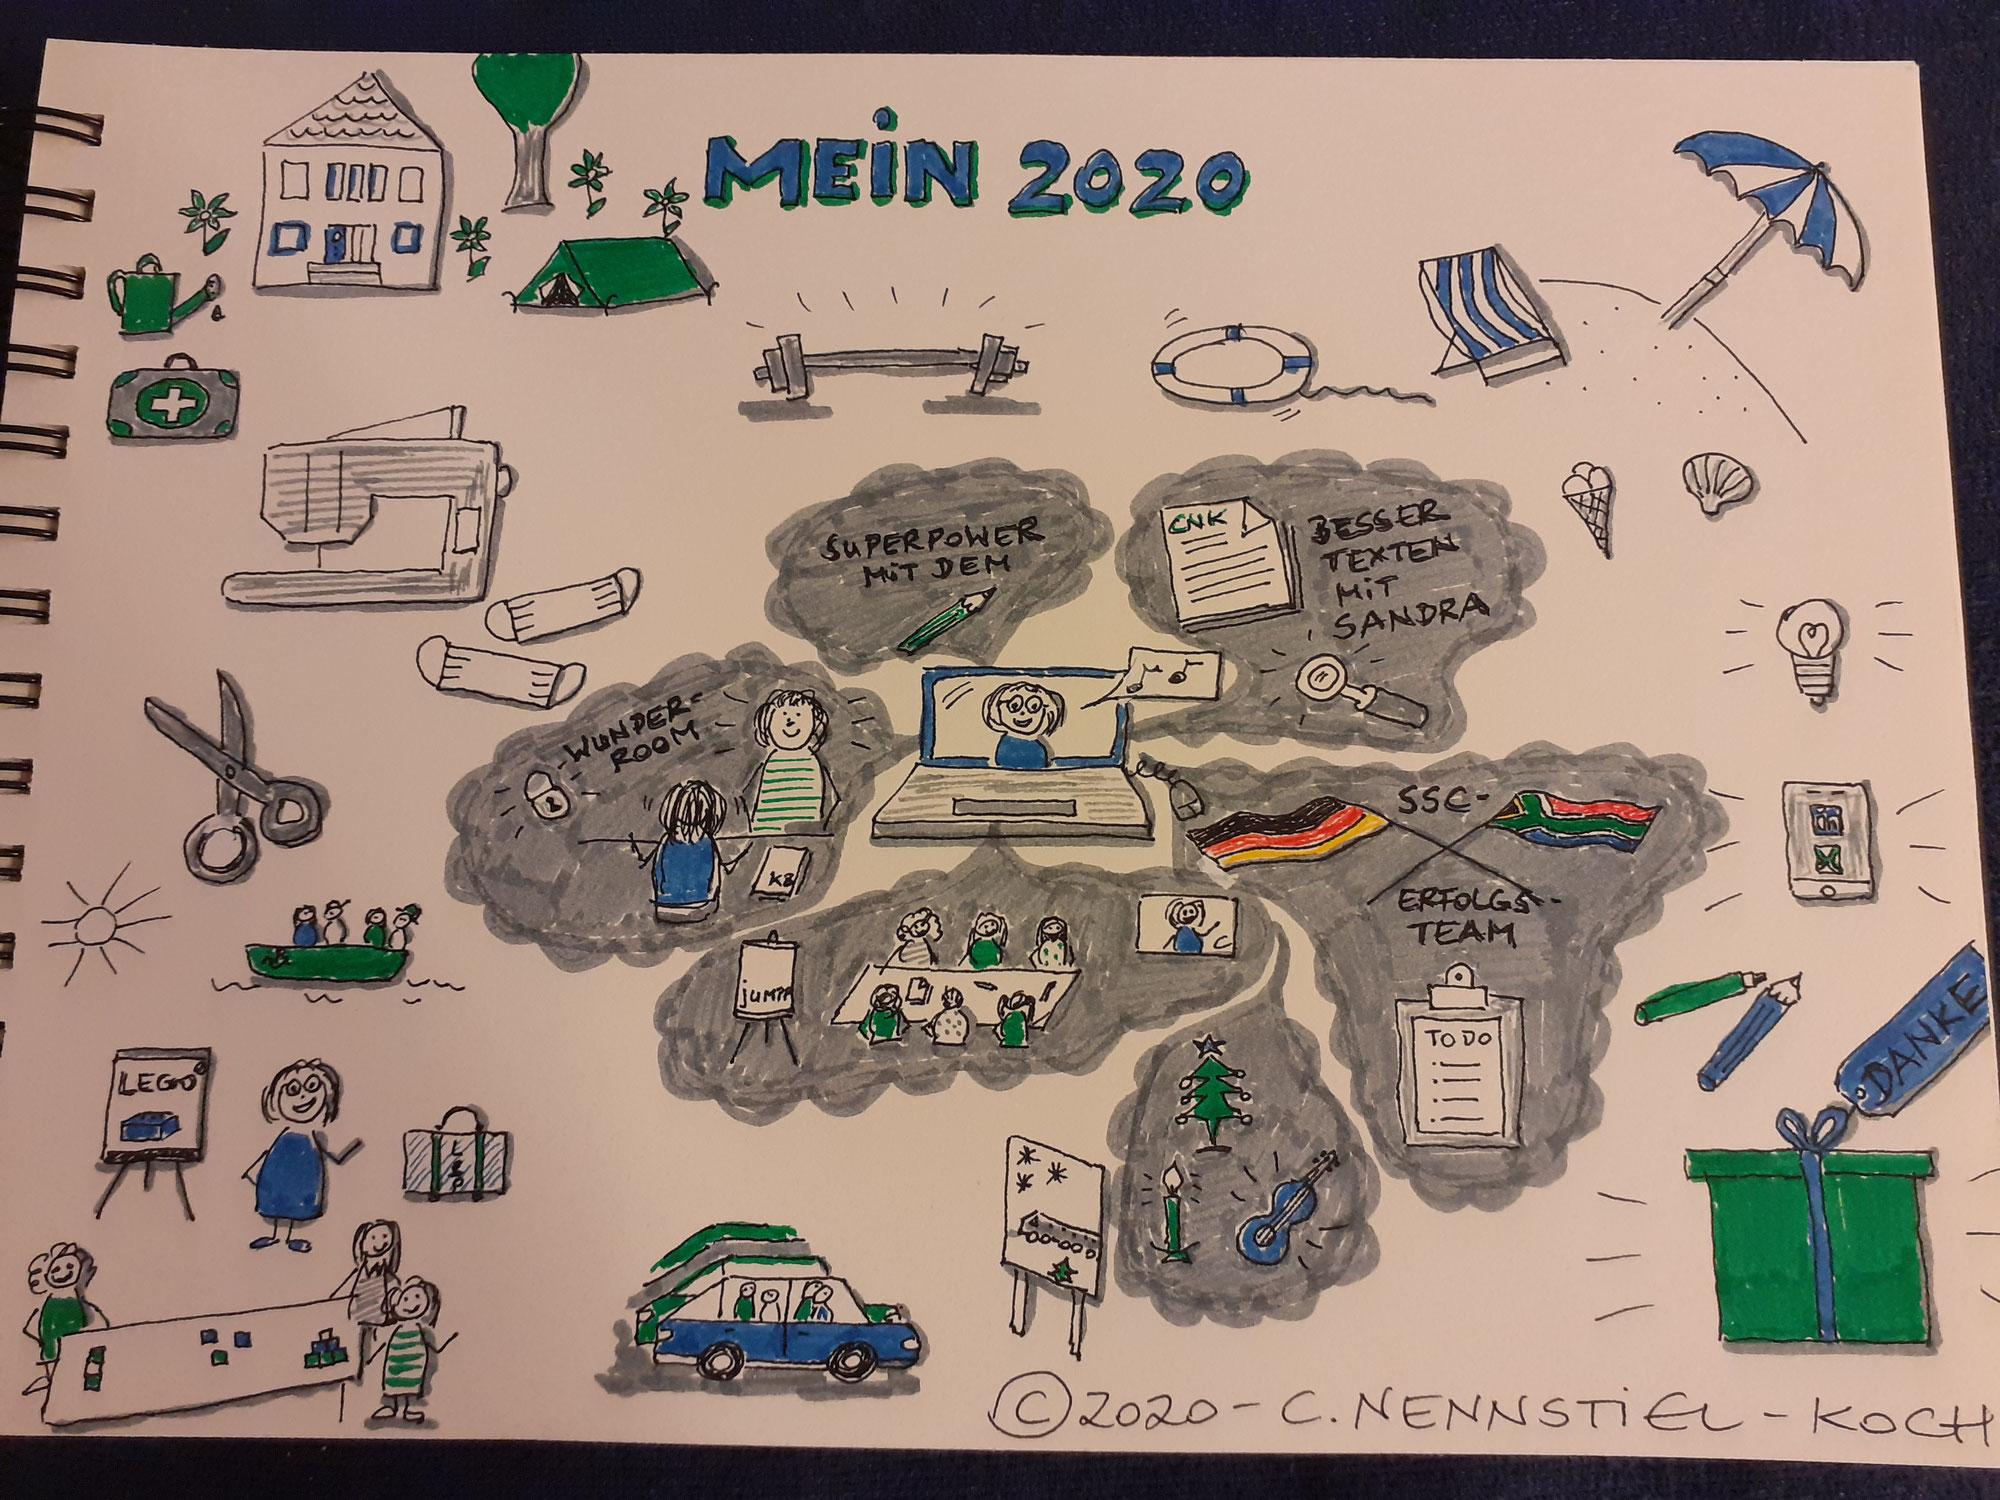 Ade 2020 & herzlich willkommen 2021 !